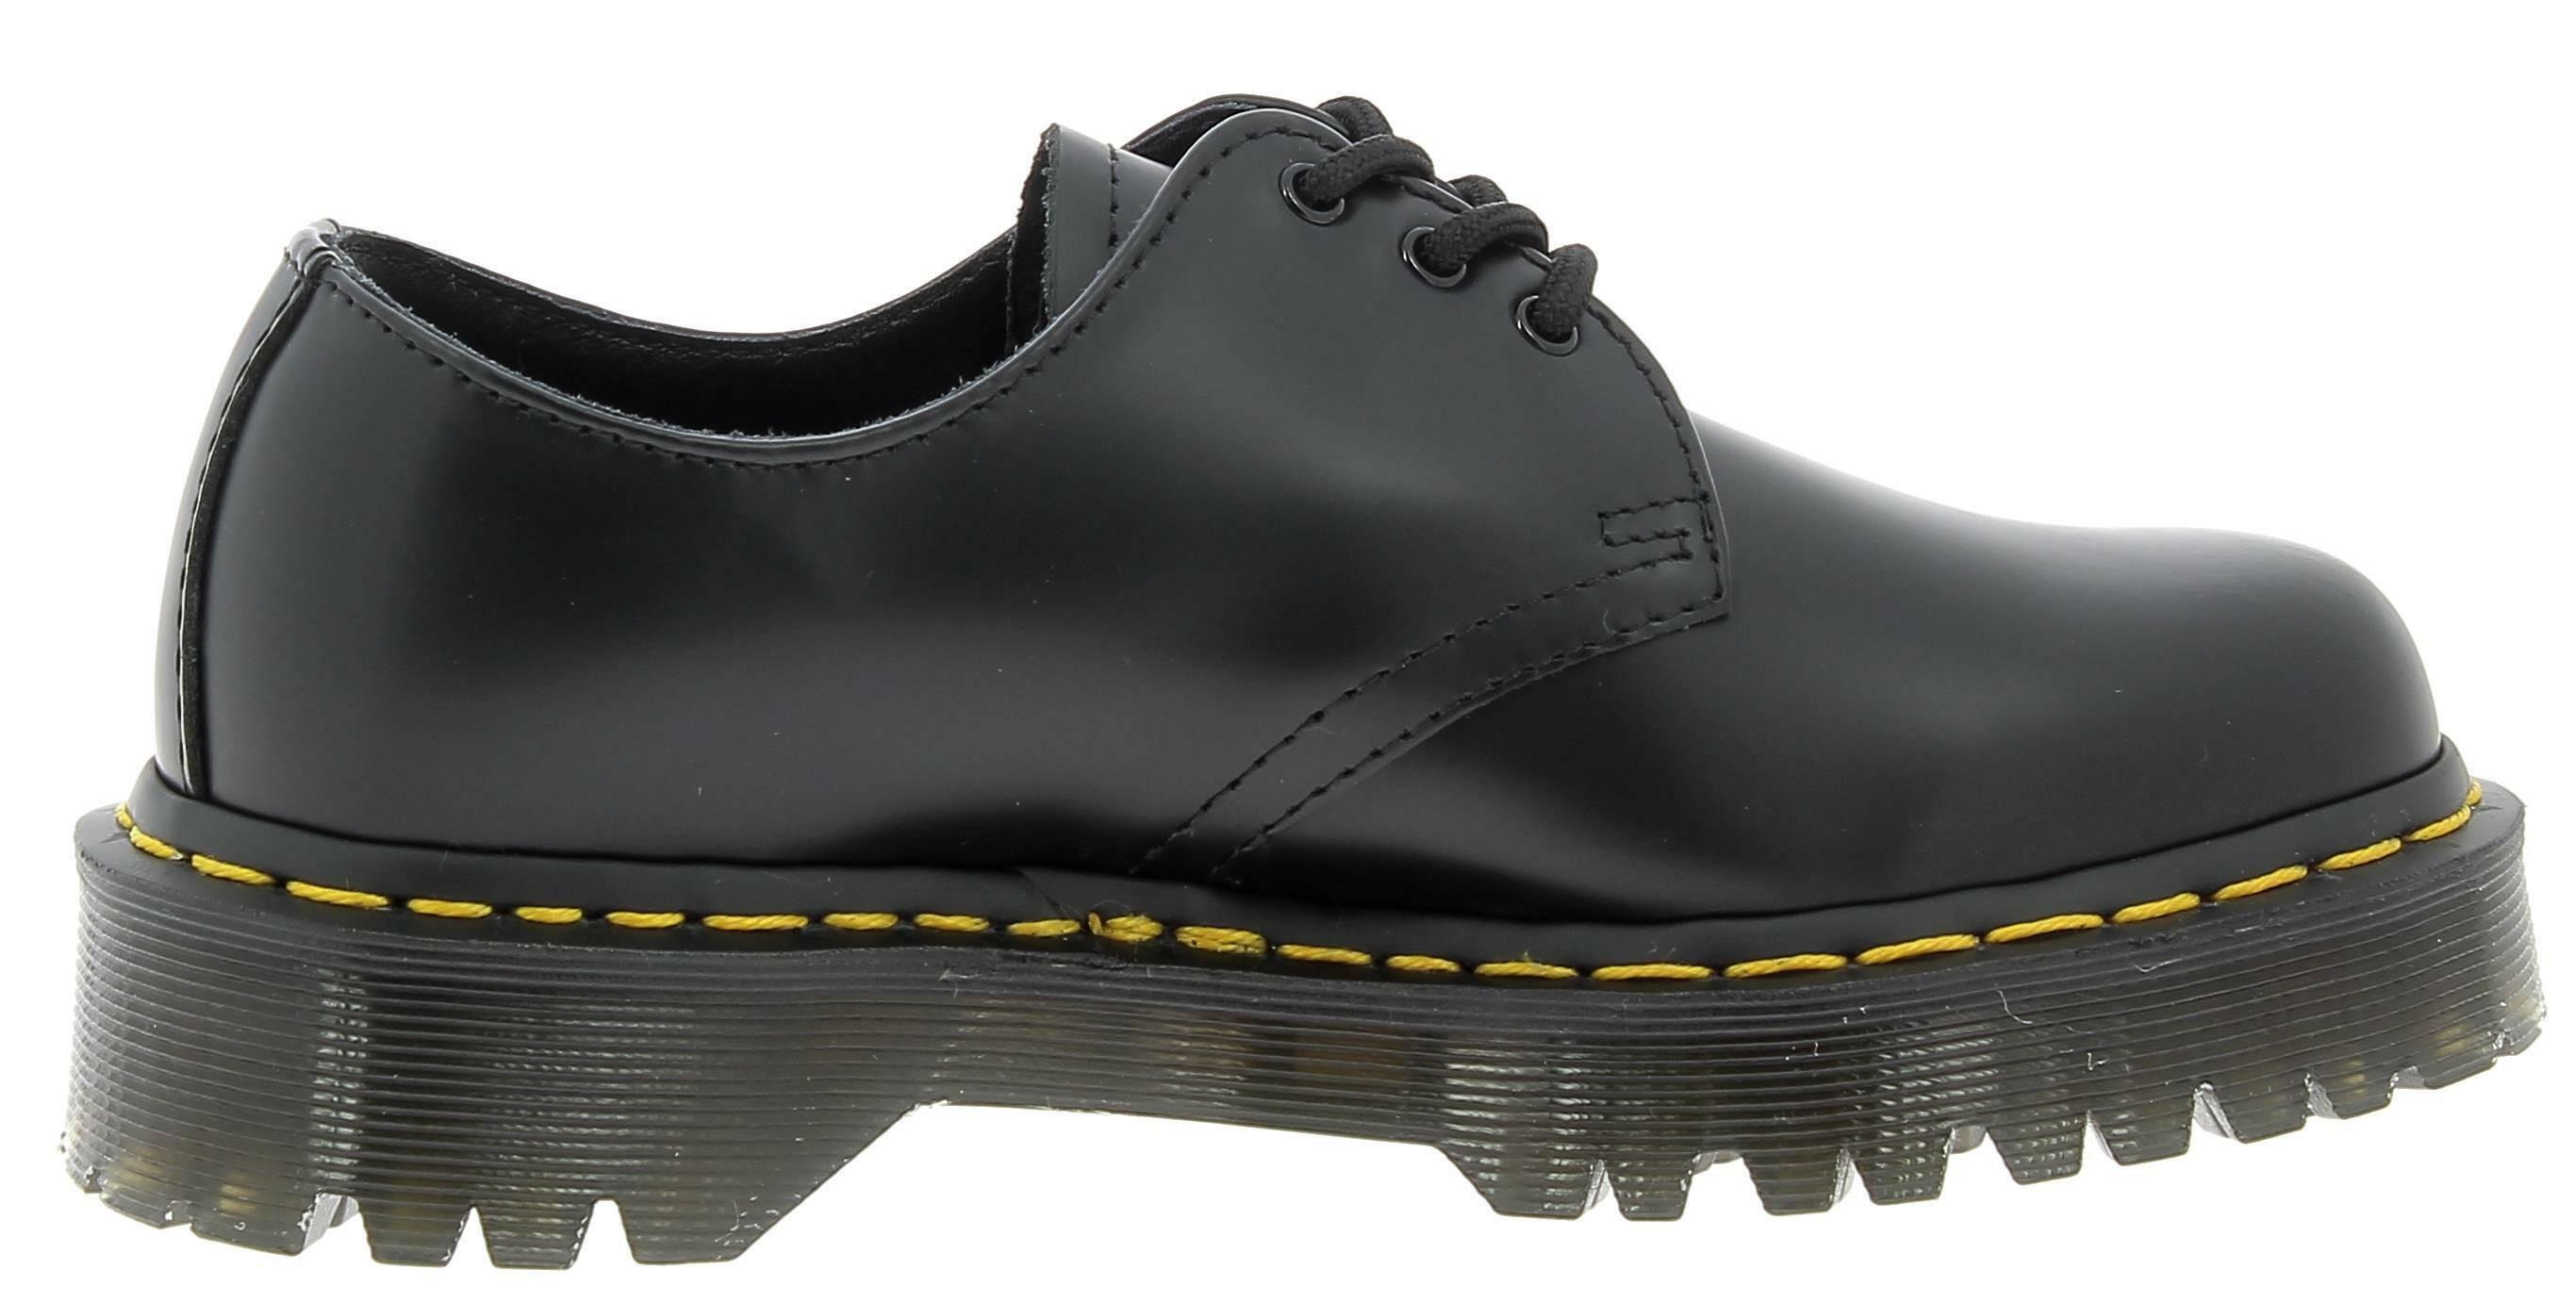 dr. martens dr. martens 1461 bex scarpe donna nere